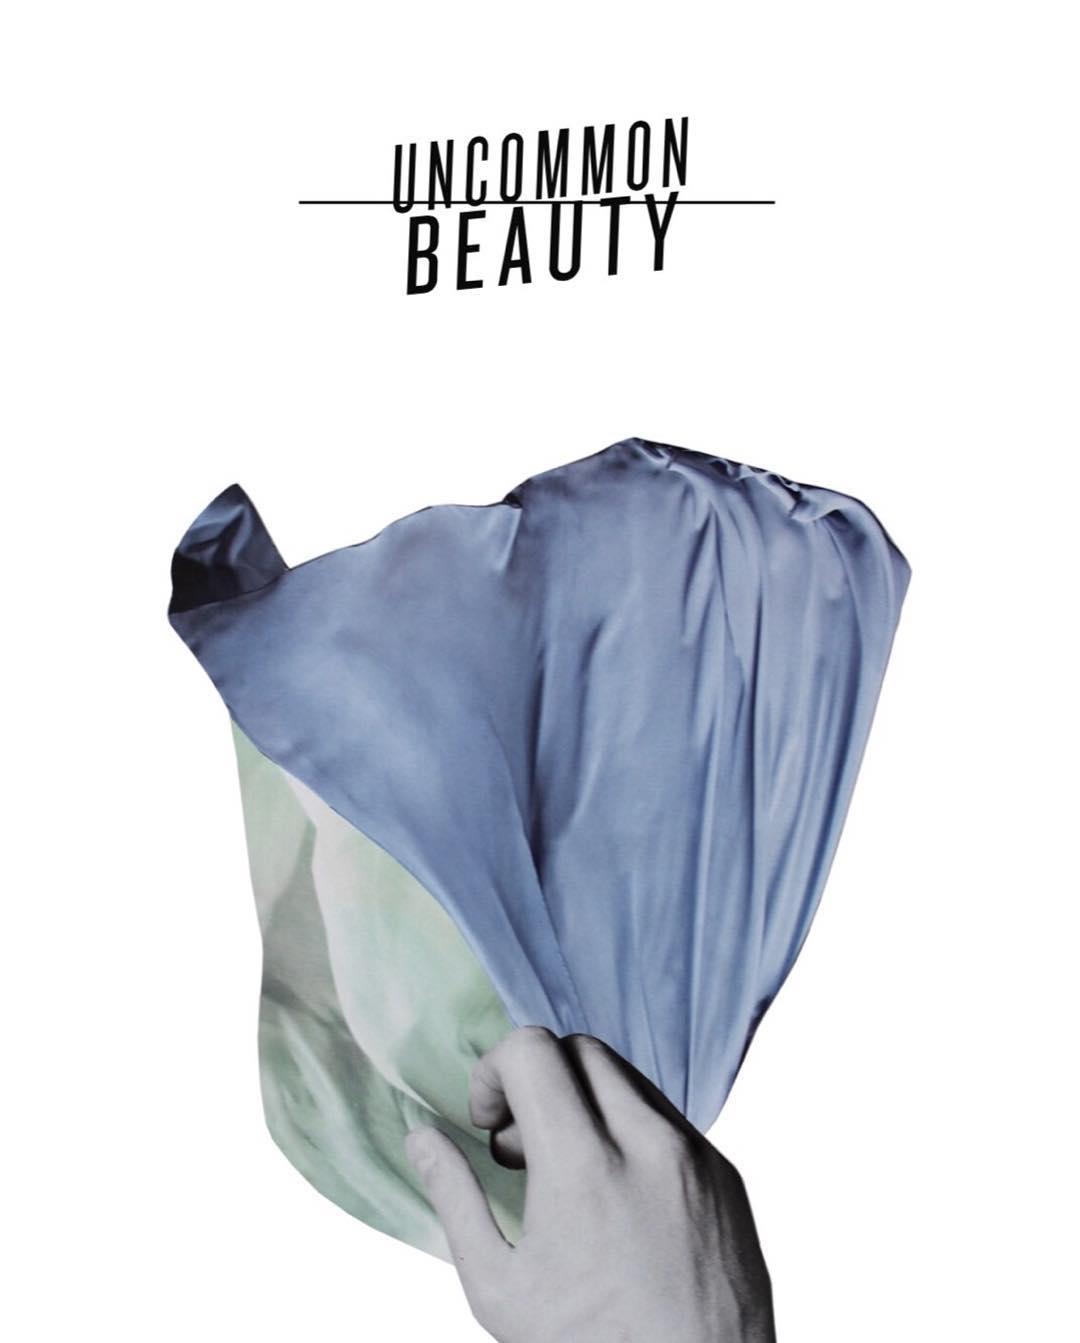 Invitation à l'évènement de la galerie Uncommon Beauty